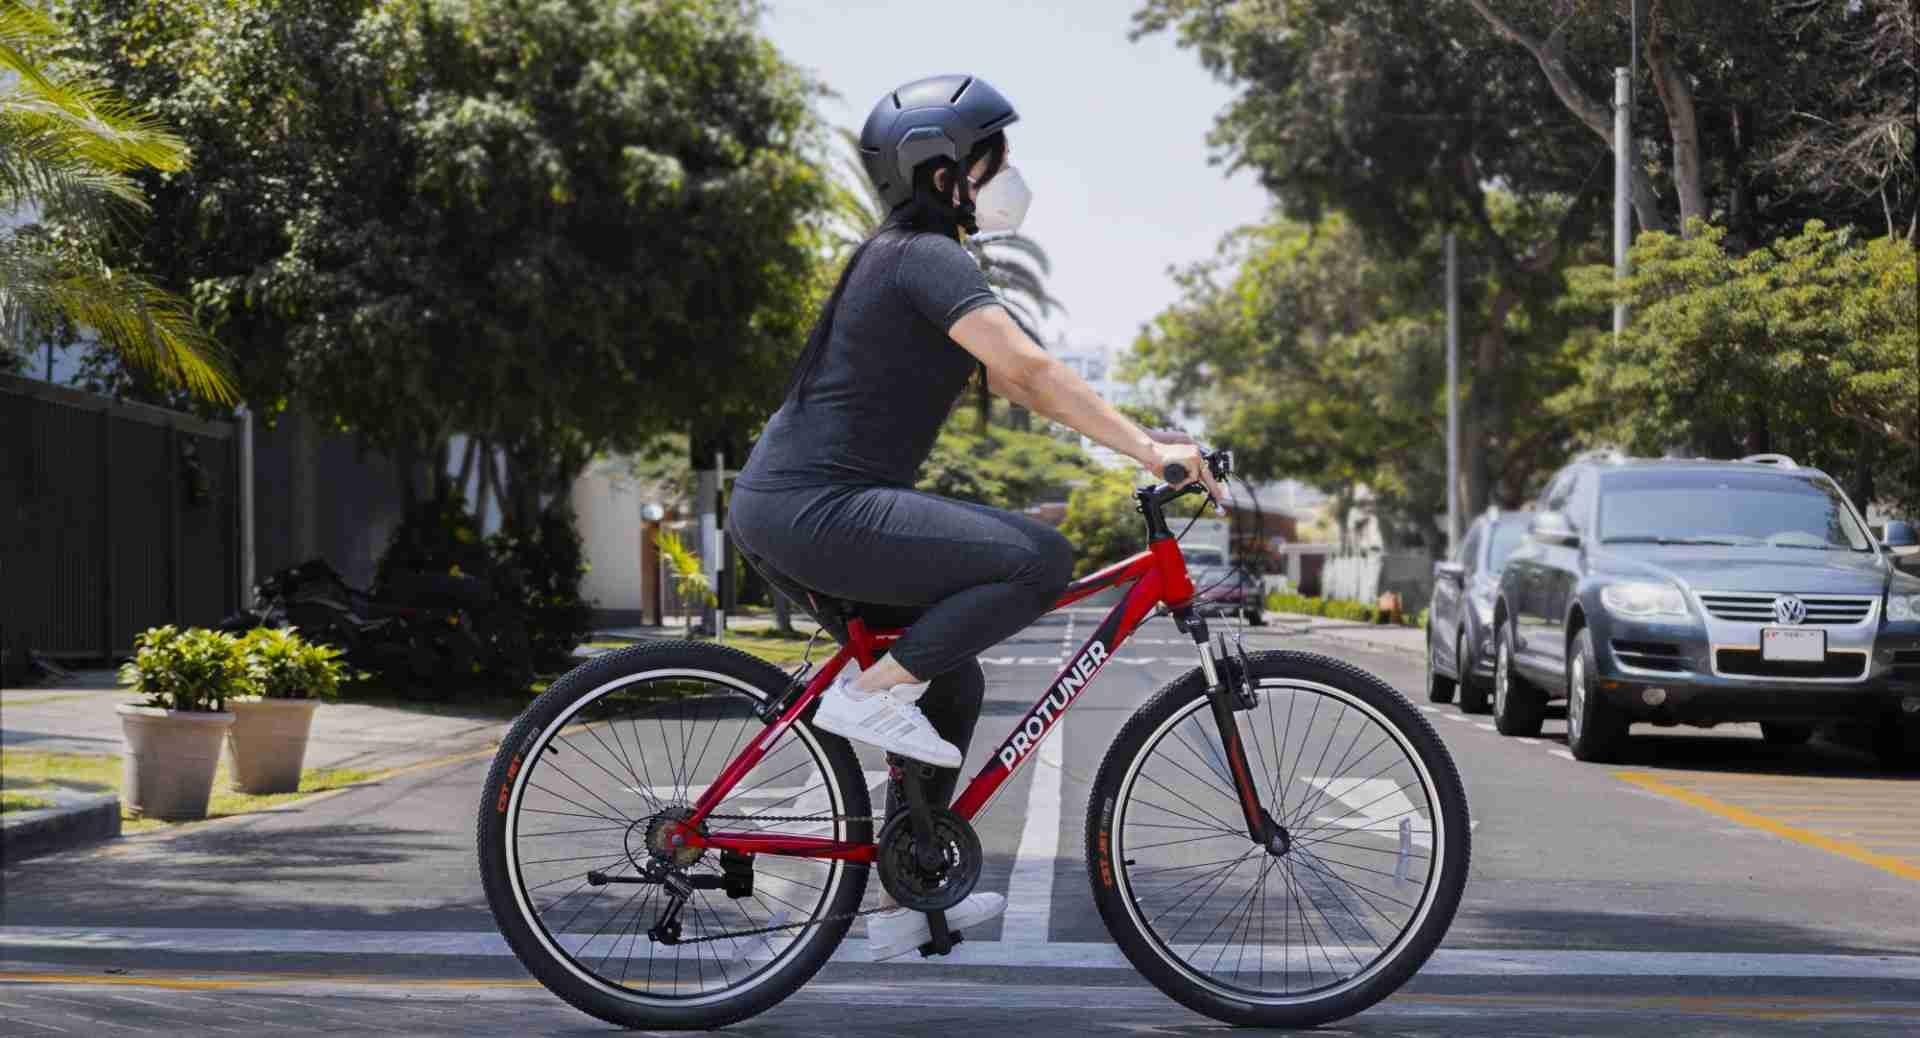 Conoce las señales del ciclista y usa correctamente los accesorios para ciclistas con Protuner